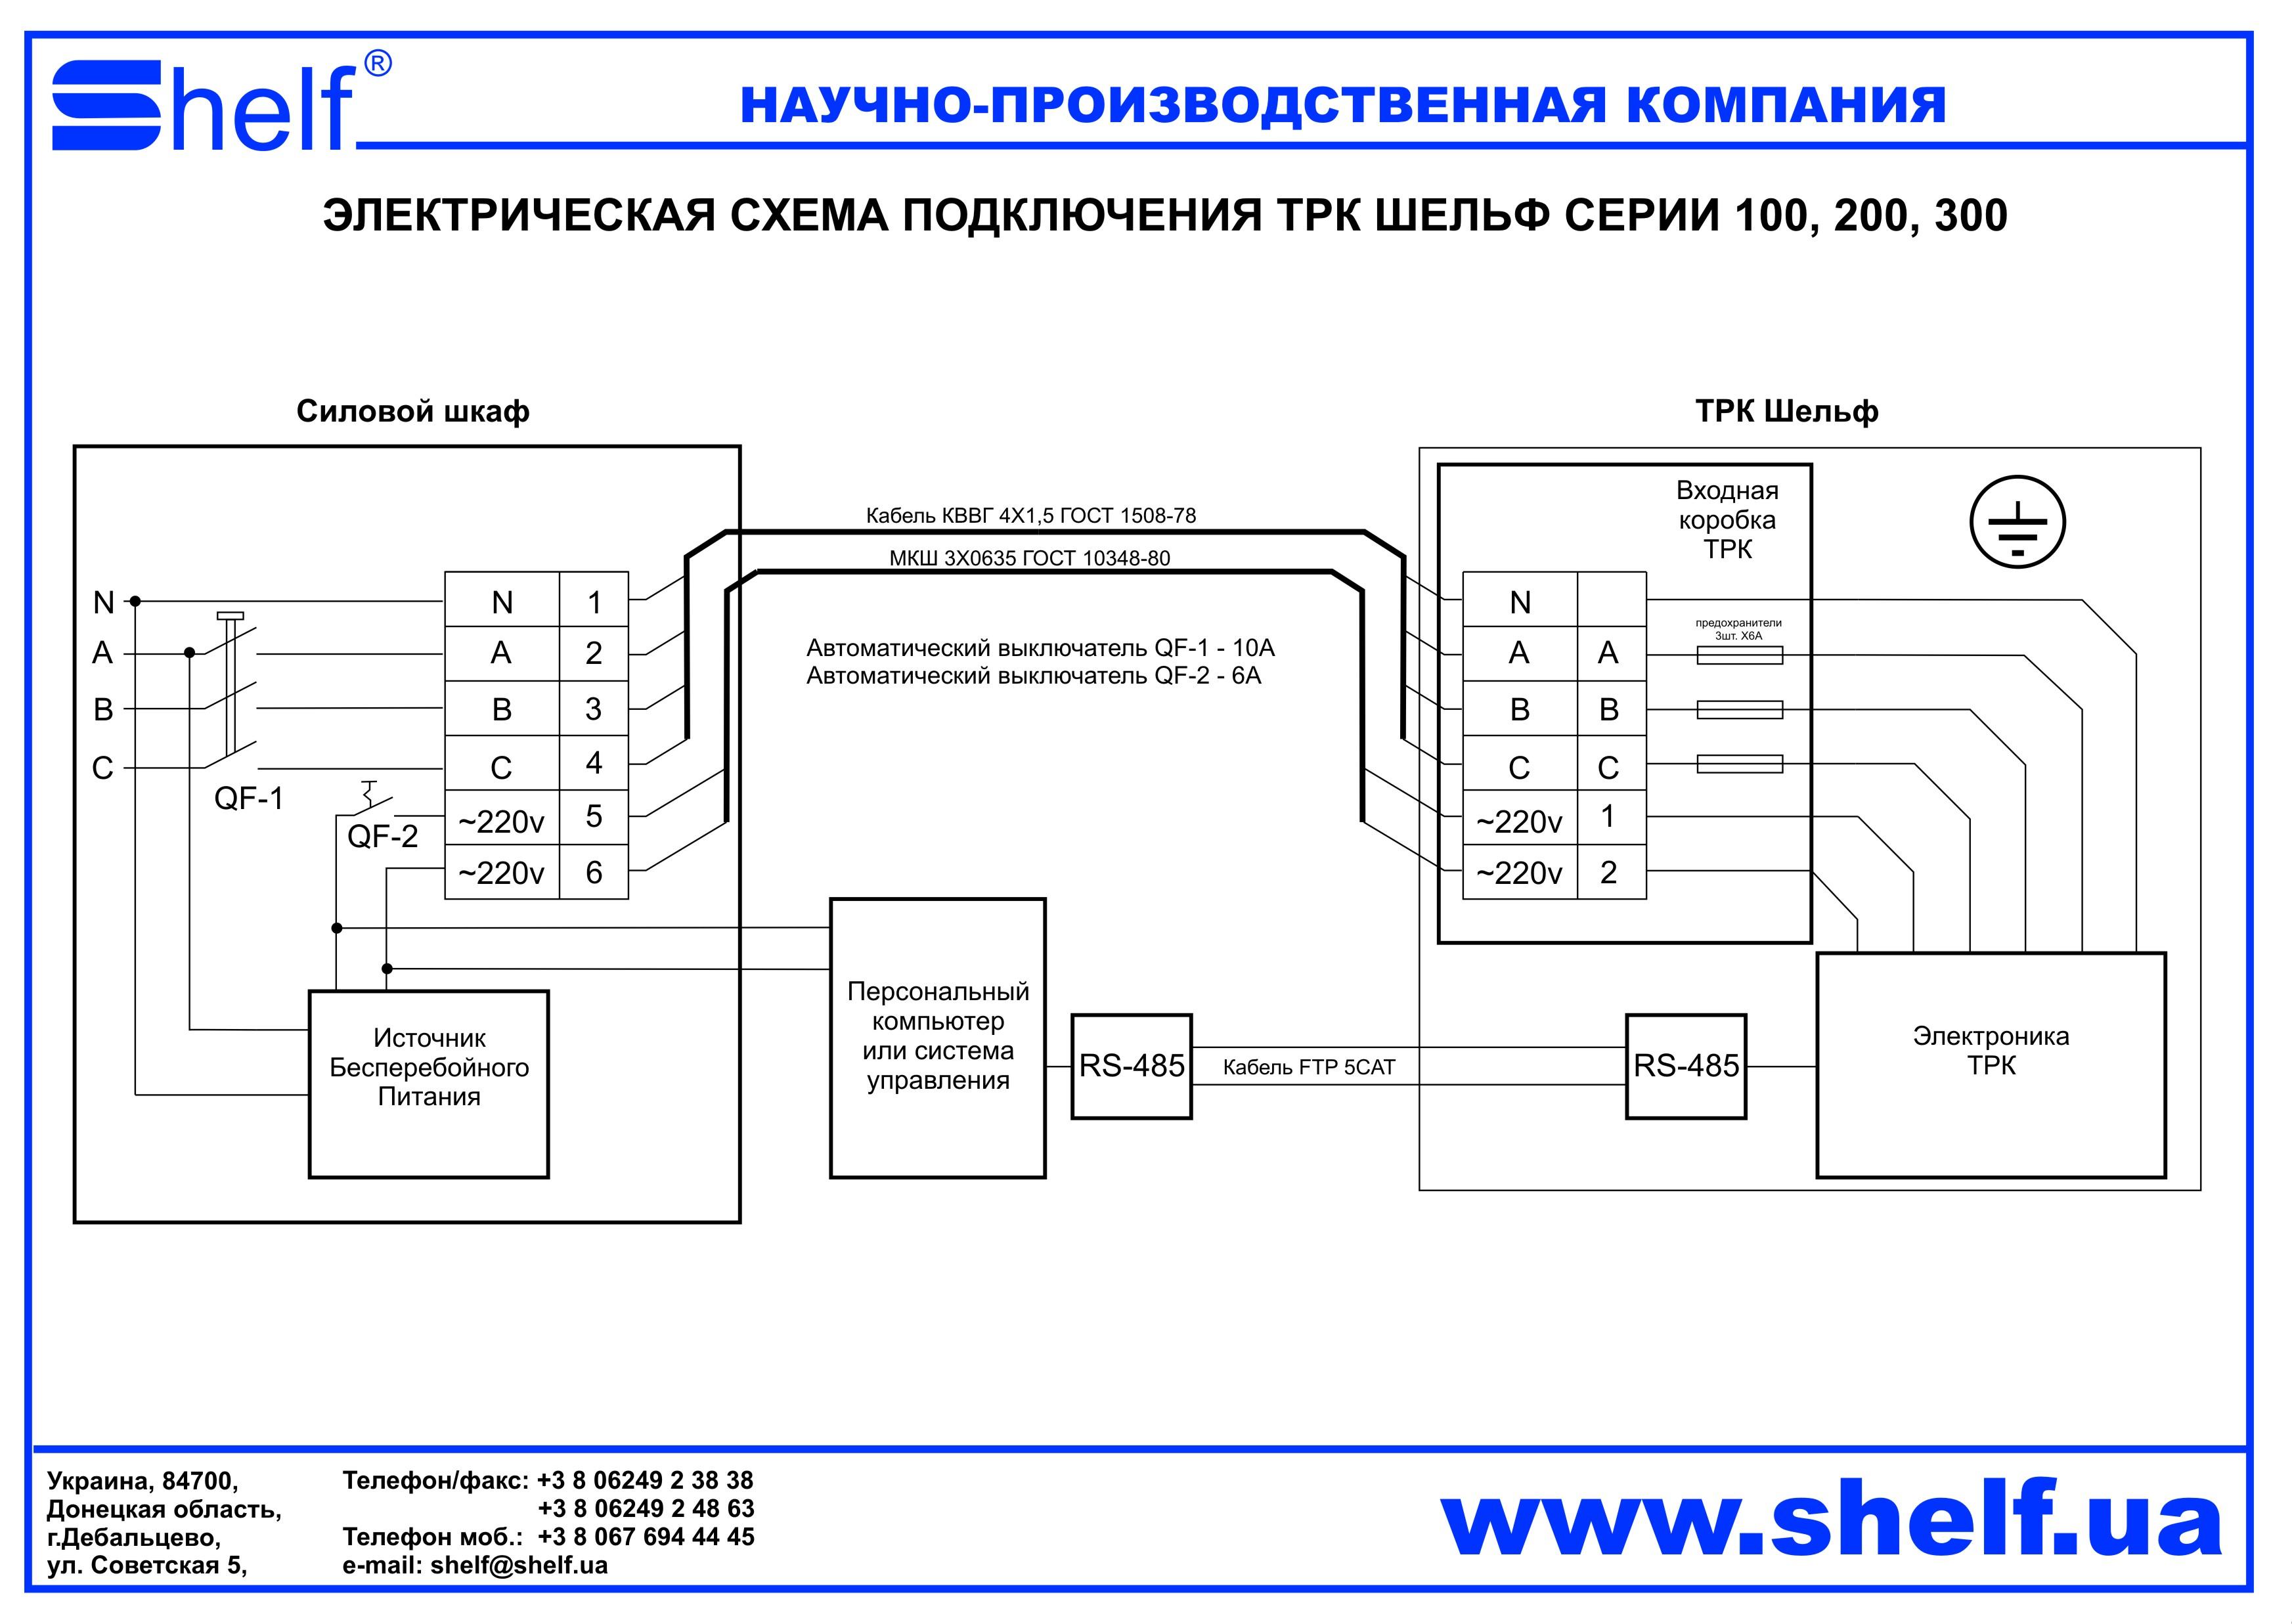 Схема включения дросселя авт 40-003